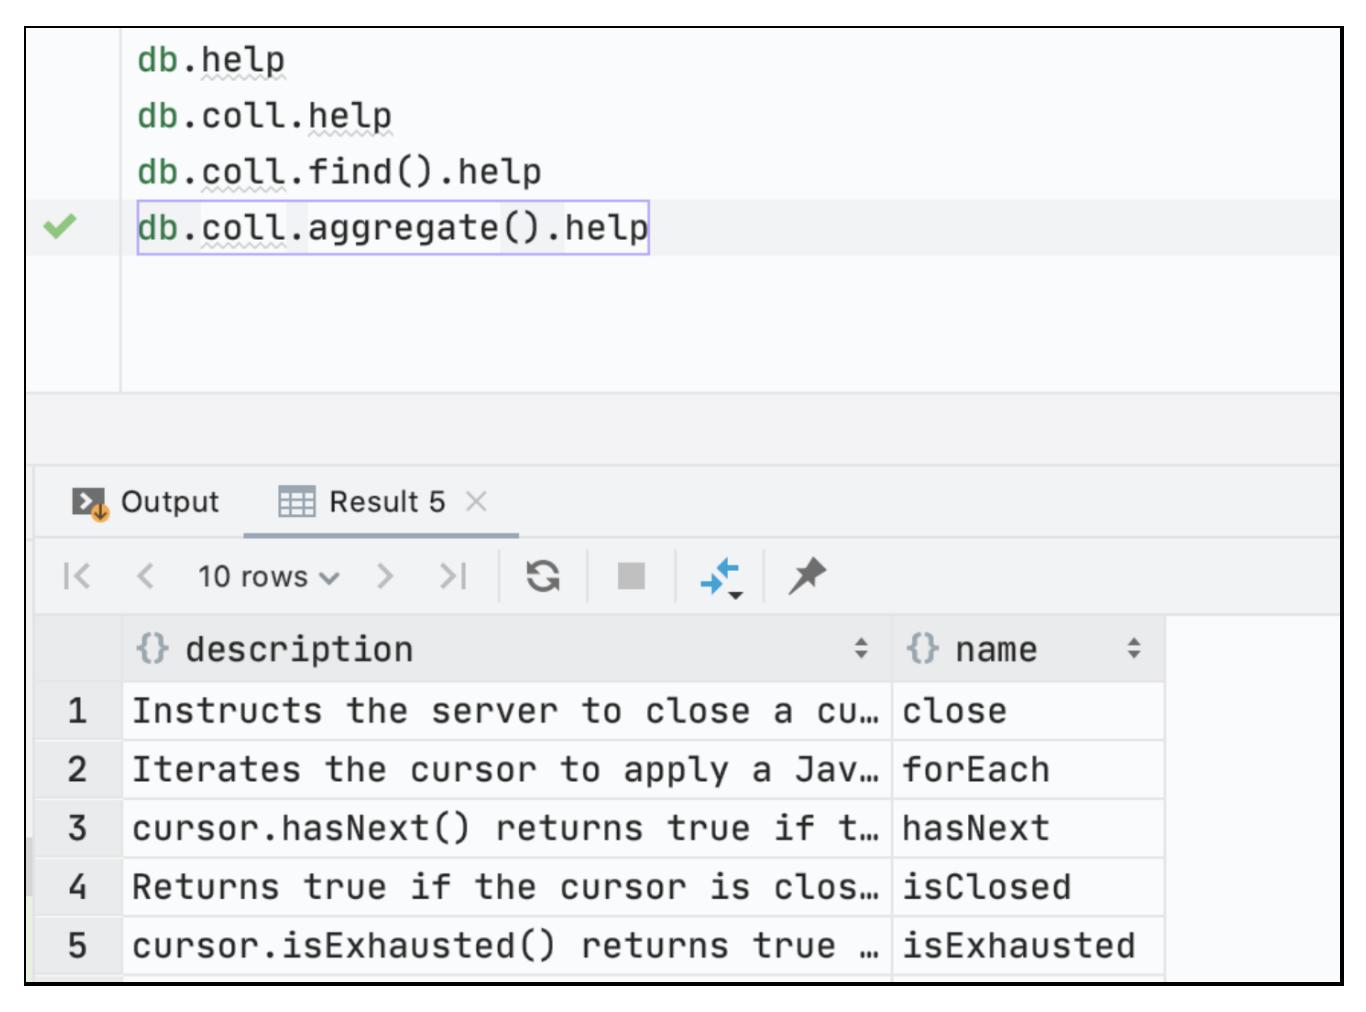 Screenshot 2020-06-16 at 13.01.57